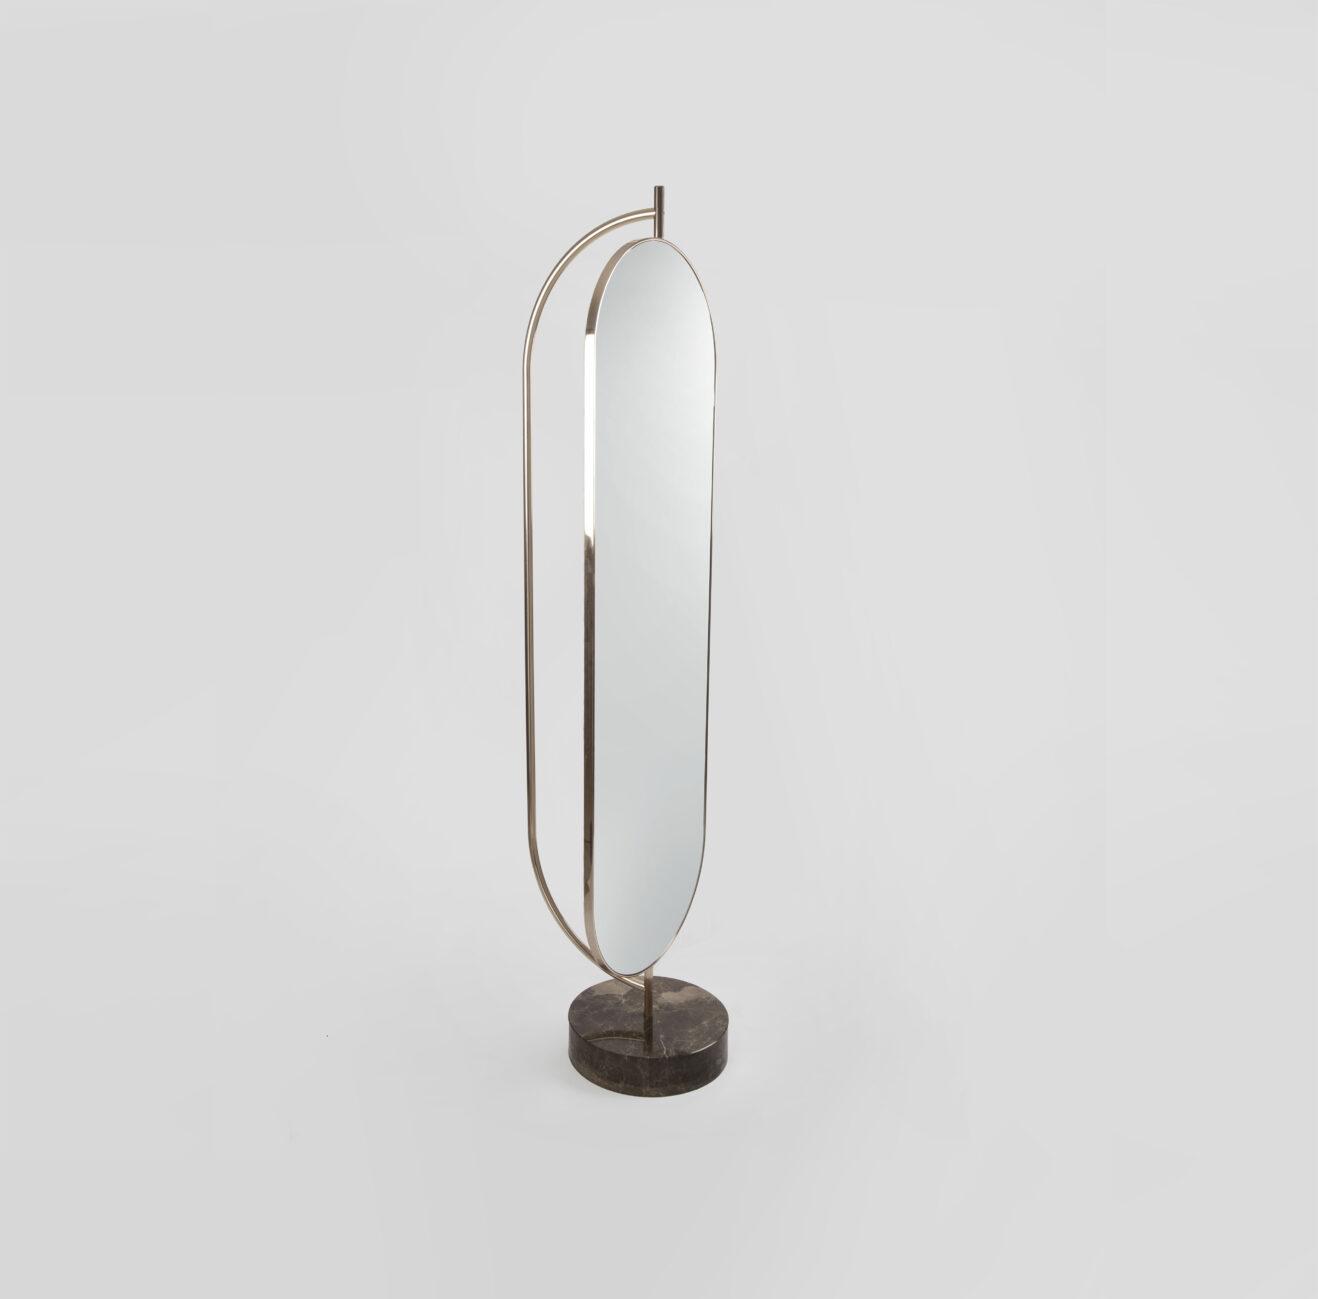 Giove mirror by Artefatto x Secolo 2